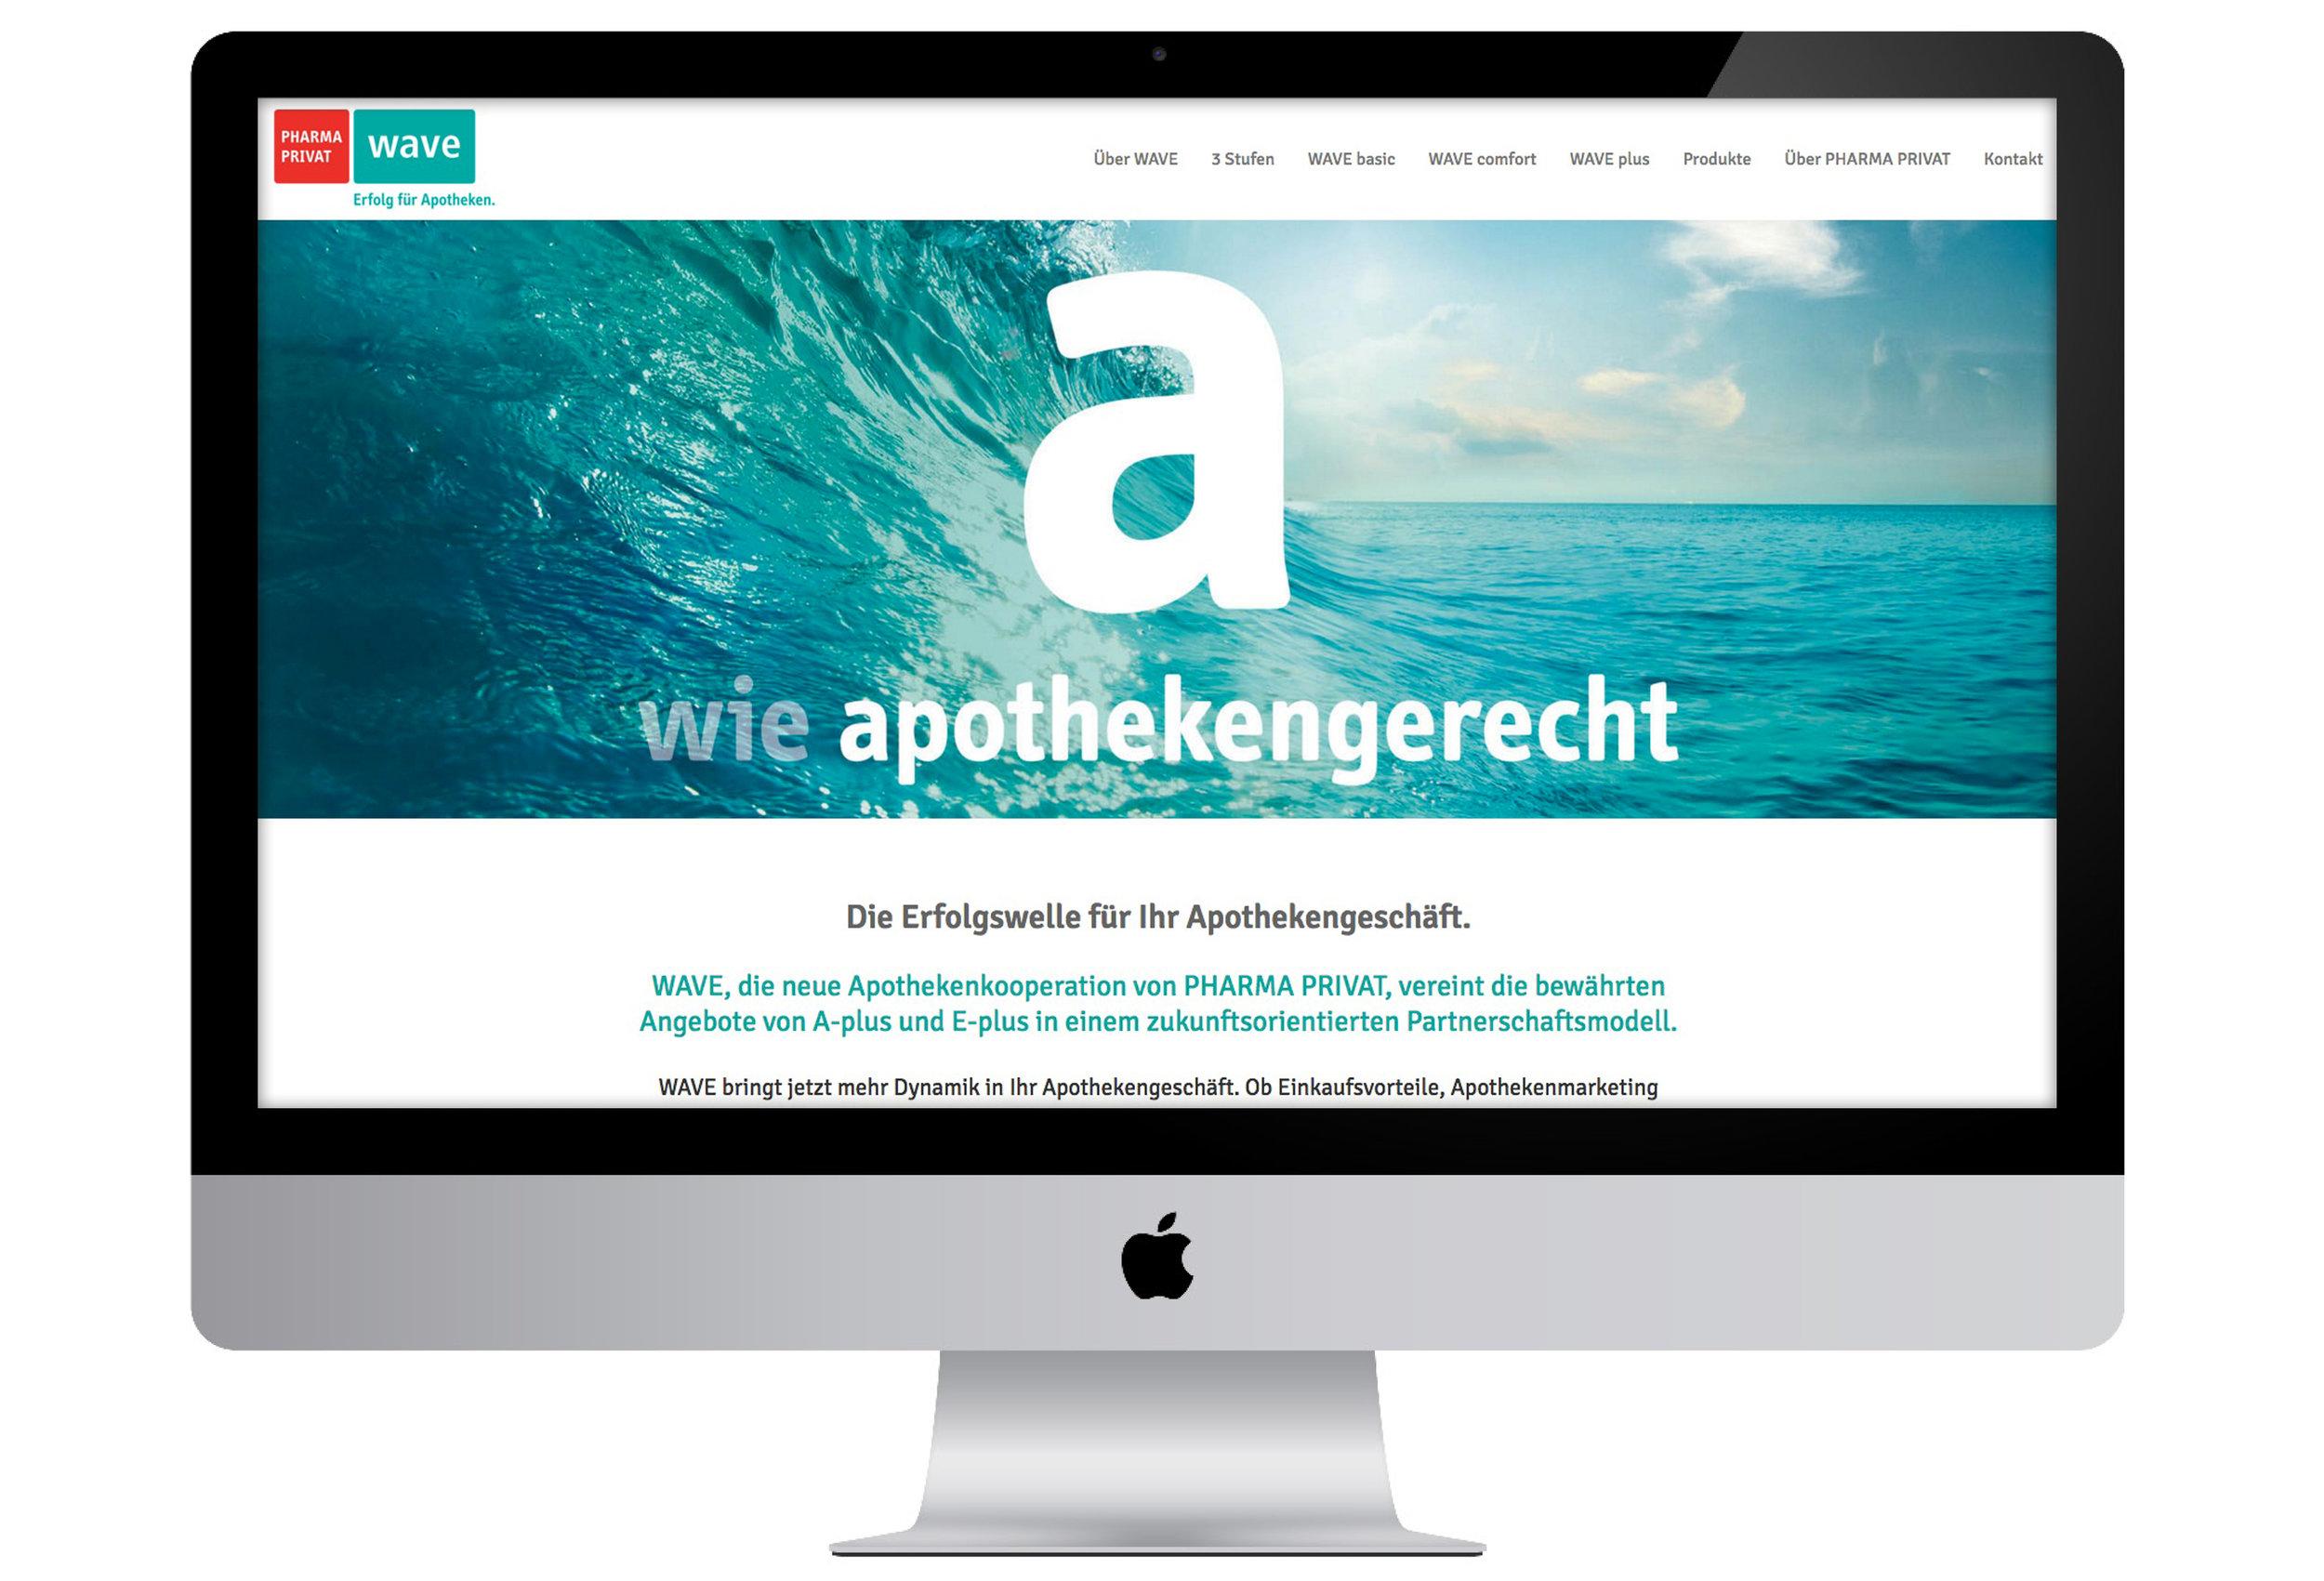 WAVE_Webauftritt_03.jpg